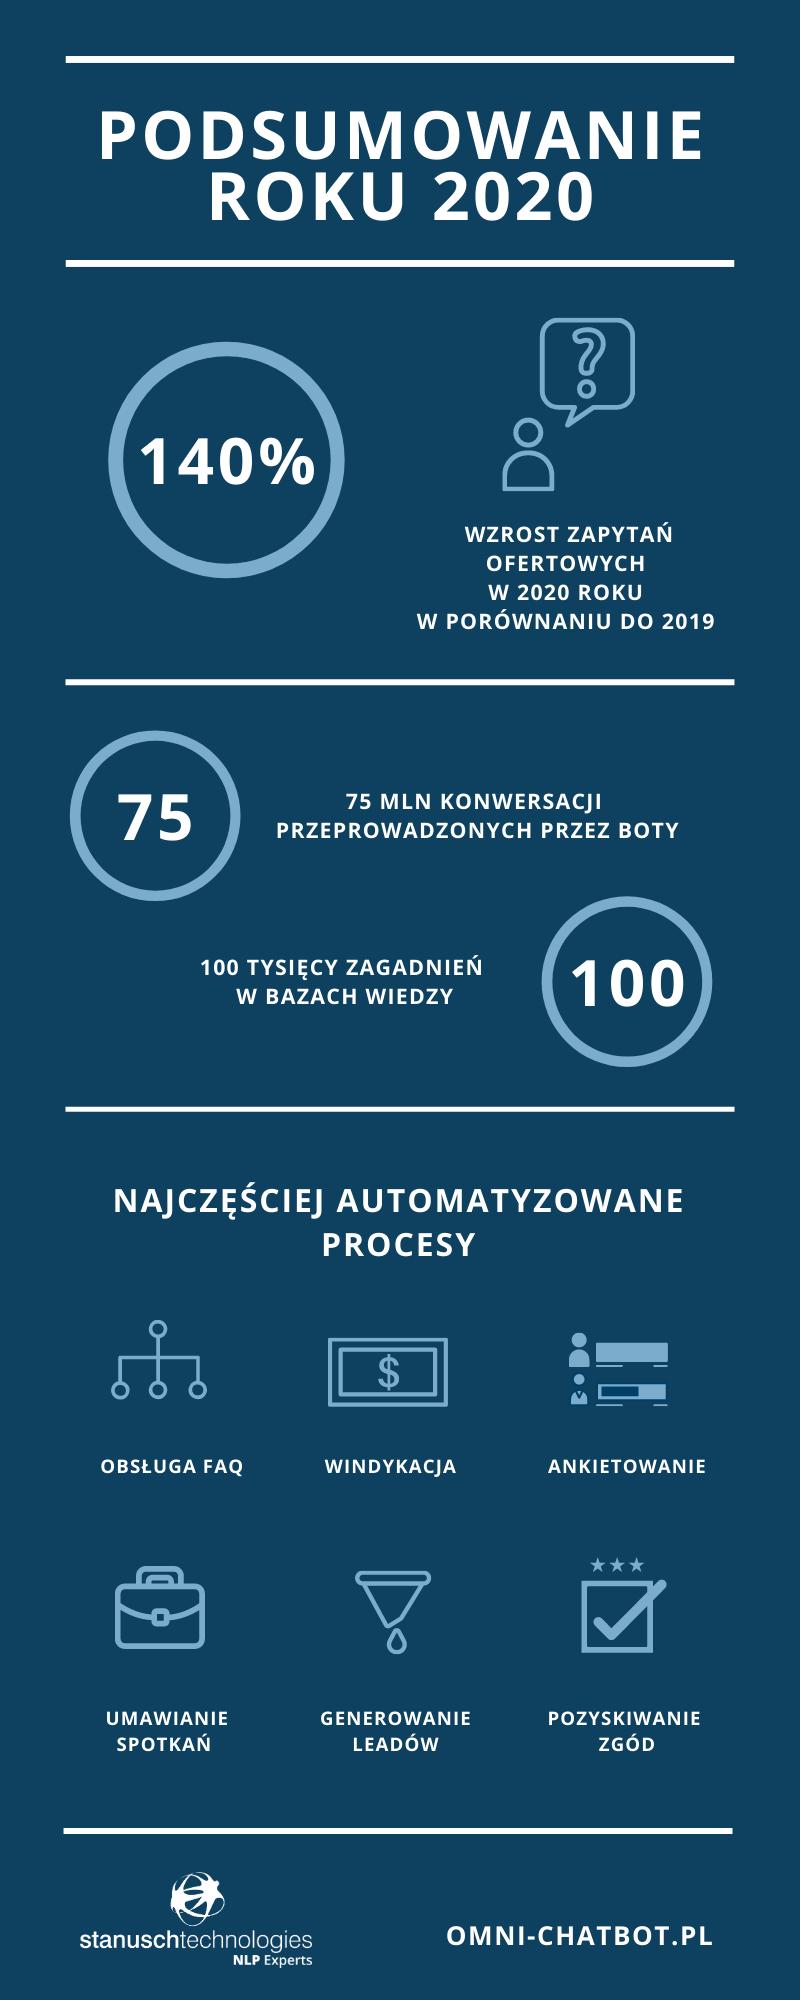 podsumowanie roku 2020 w Stanusch Technologies